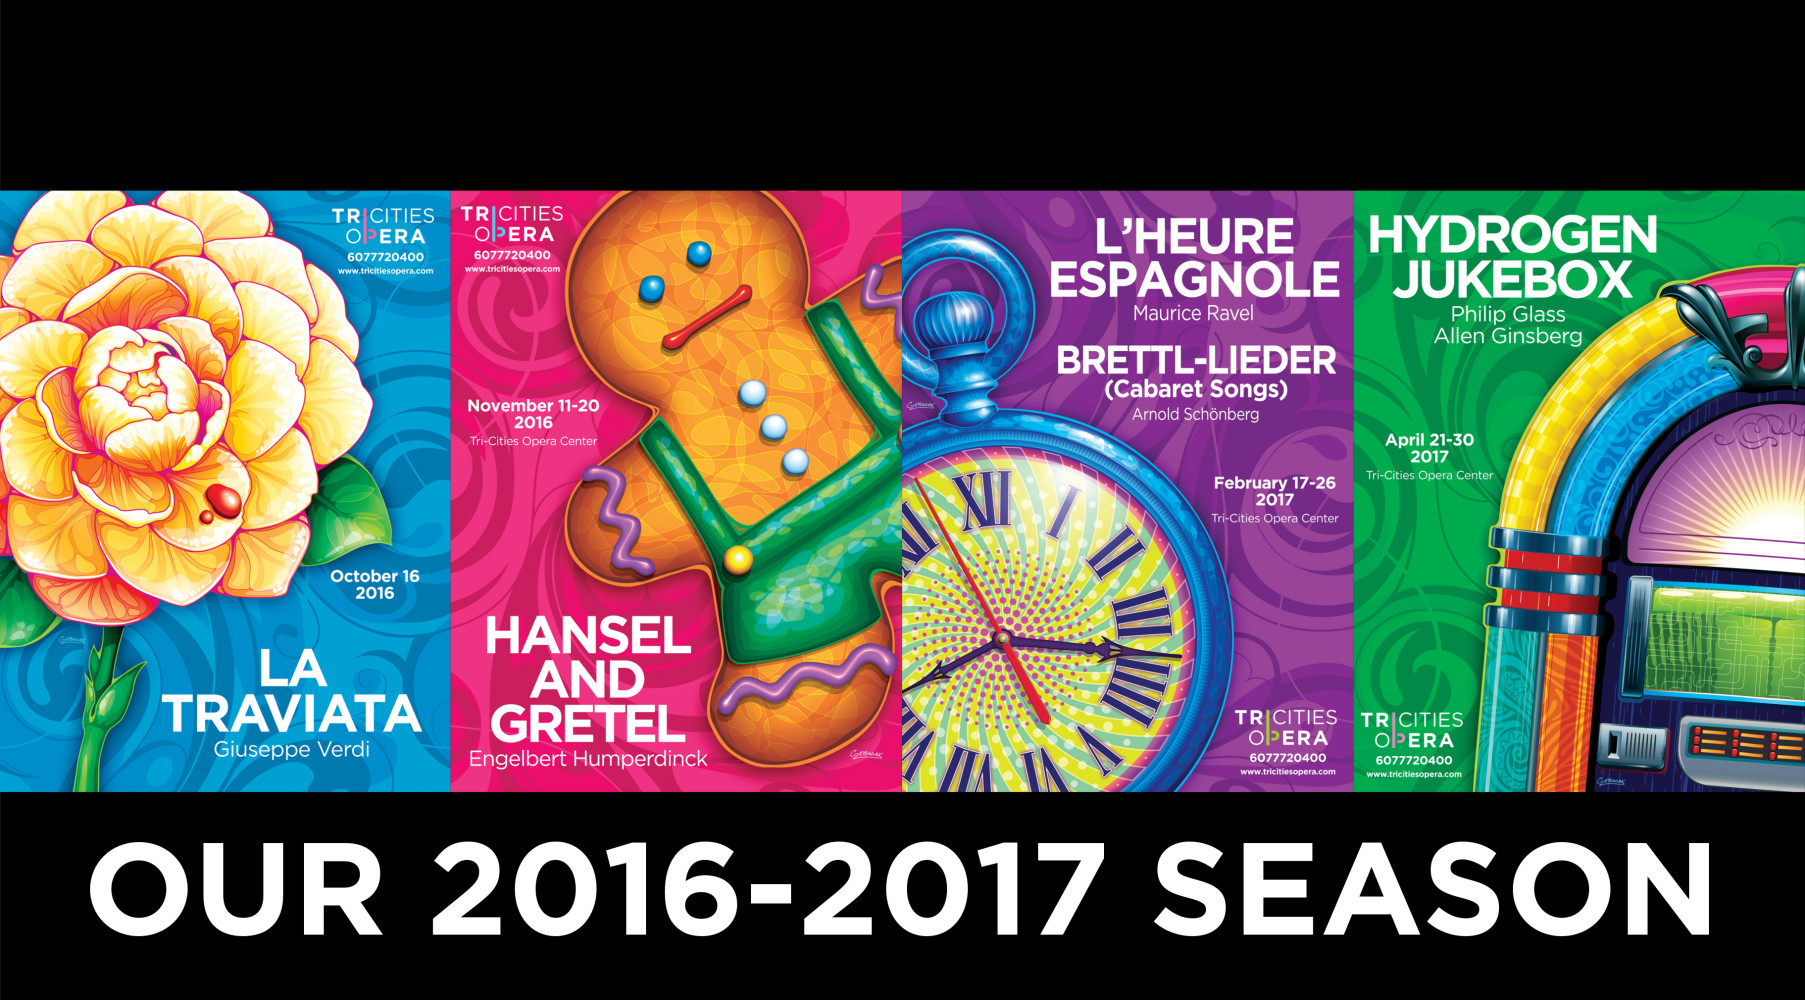 2016-2017-4-prod-poster-horizontal-e1458662221632